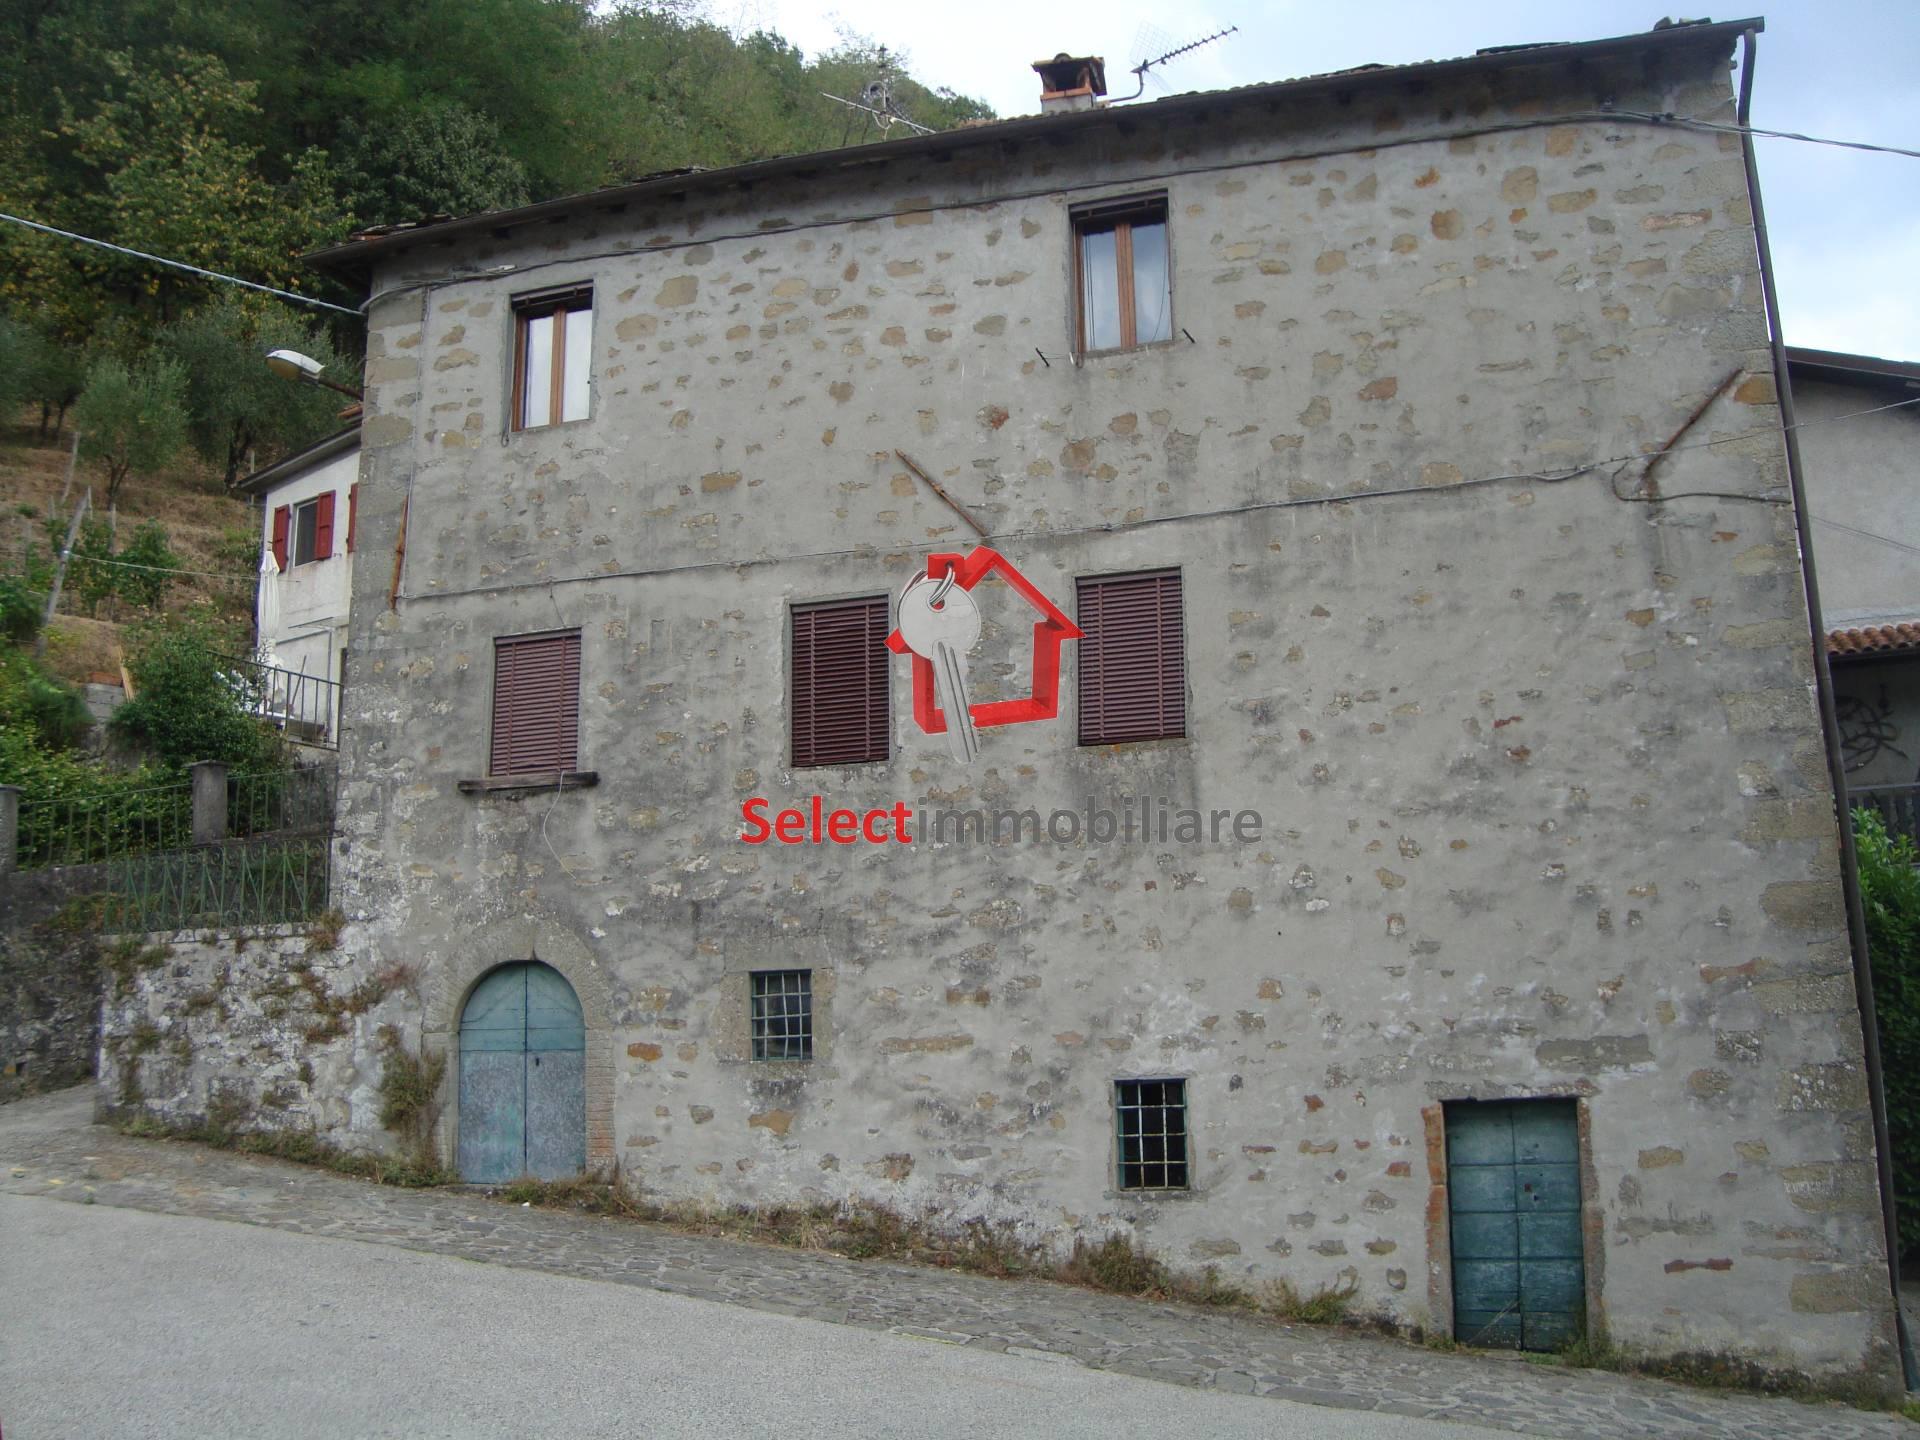 Soluzione Semindipendente in vendita a Bagni di Lucca, 8 locali, prezzo € 110.000 | CambioCasa.it